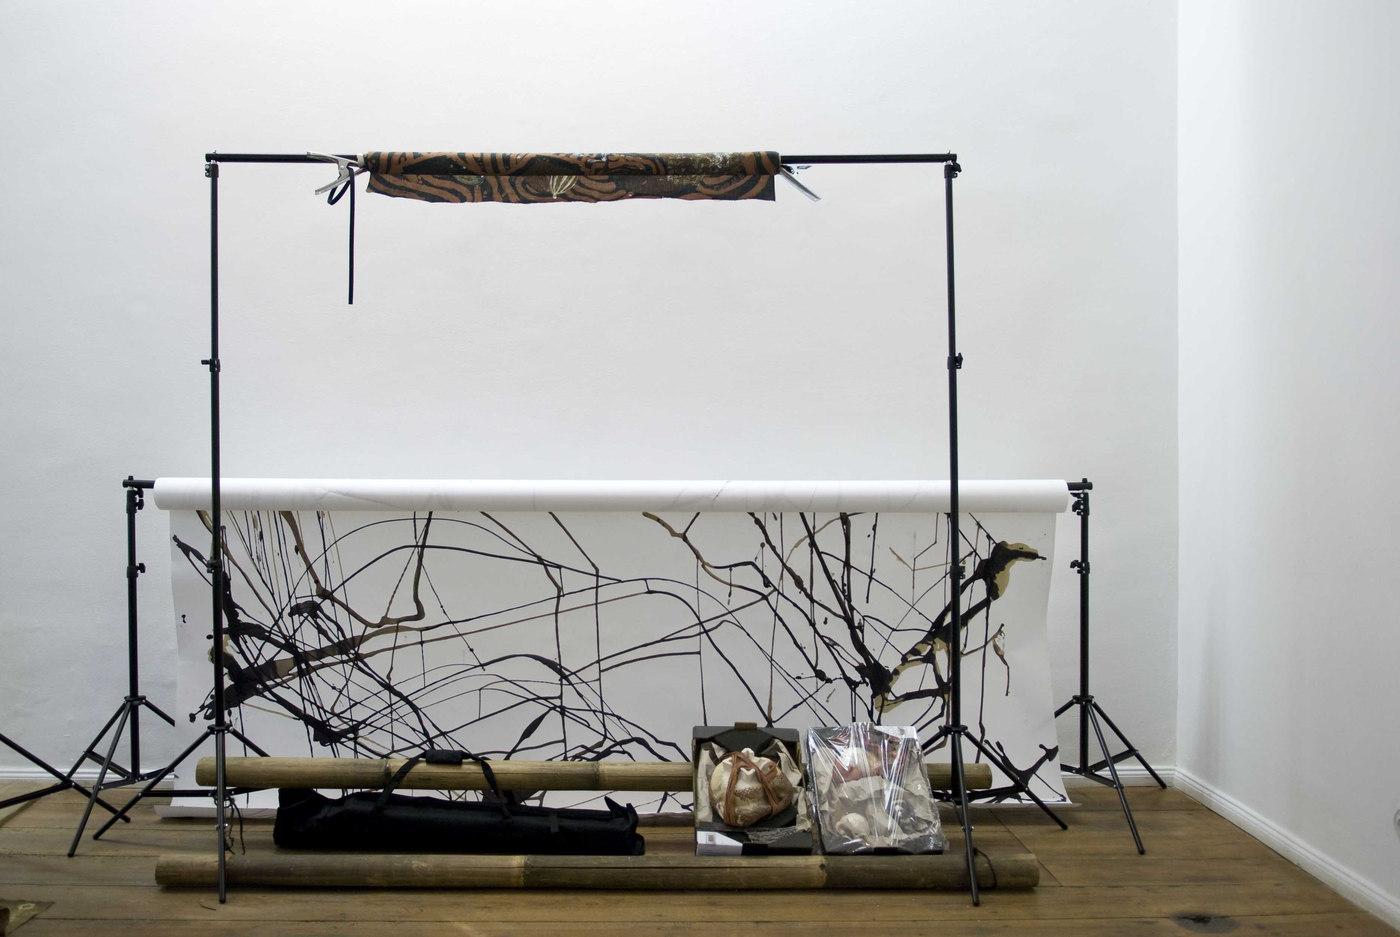 Ada Van Hoorebeke, Where Batik Belongs, 2016, installation view at Grimmuseum (7)